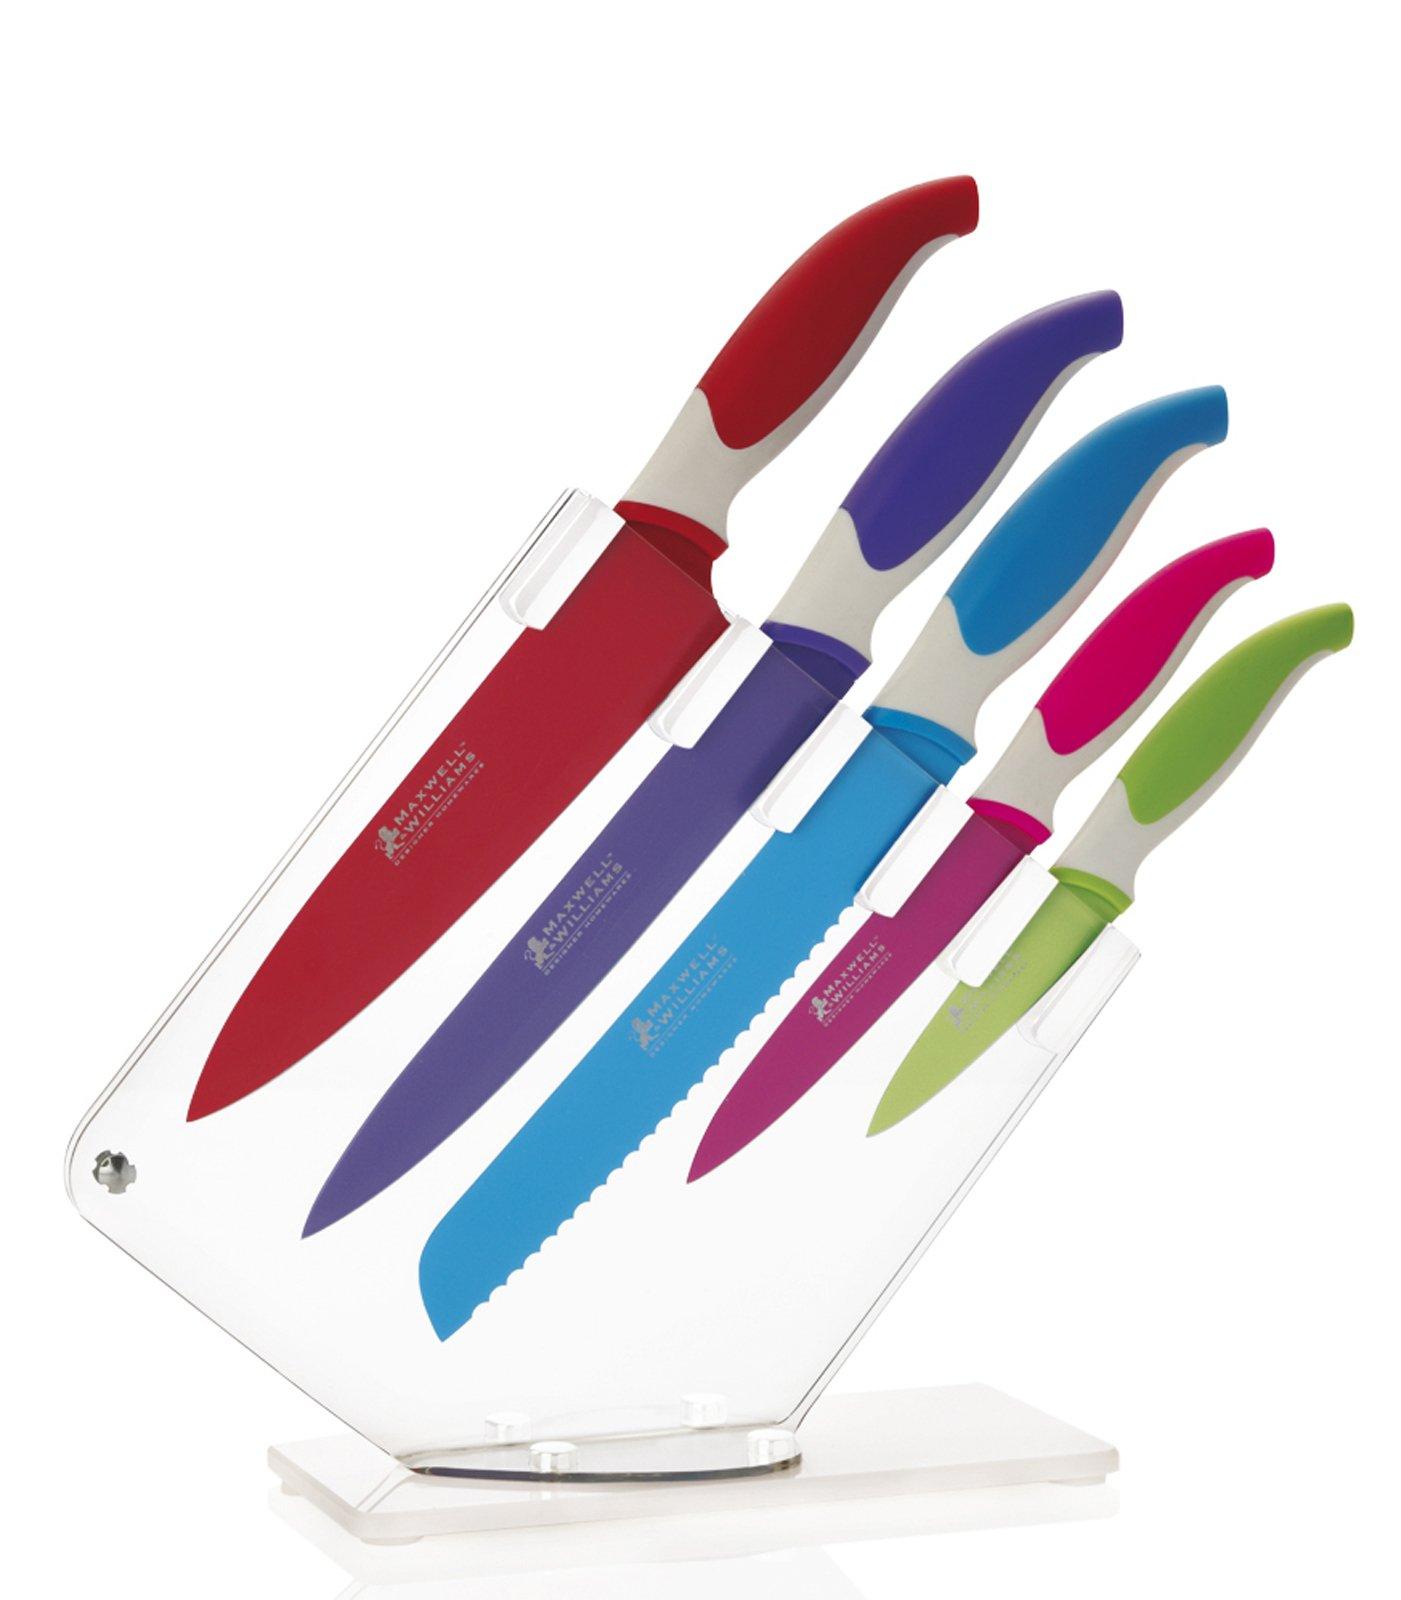 Cucina: utensili indispensabili. O quasi - Cose di Casa